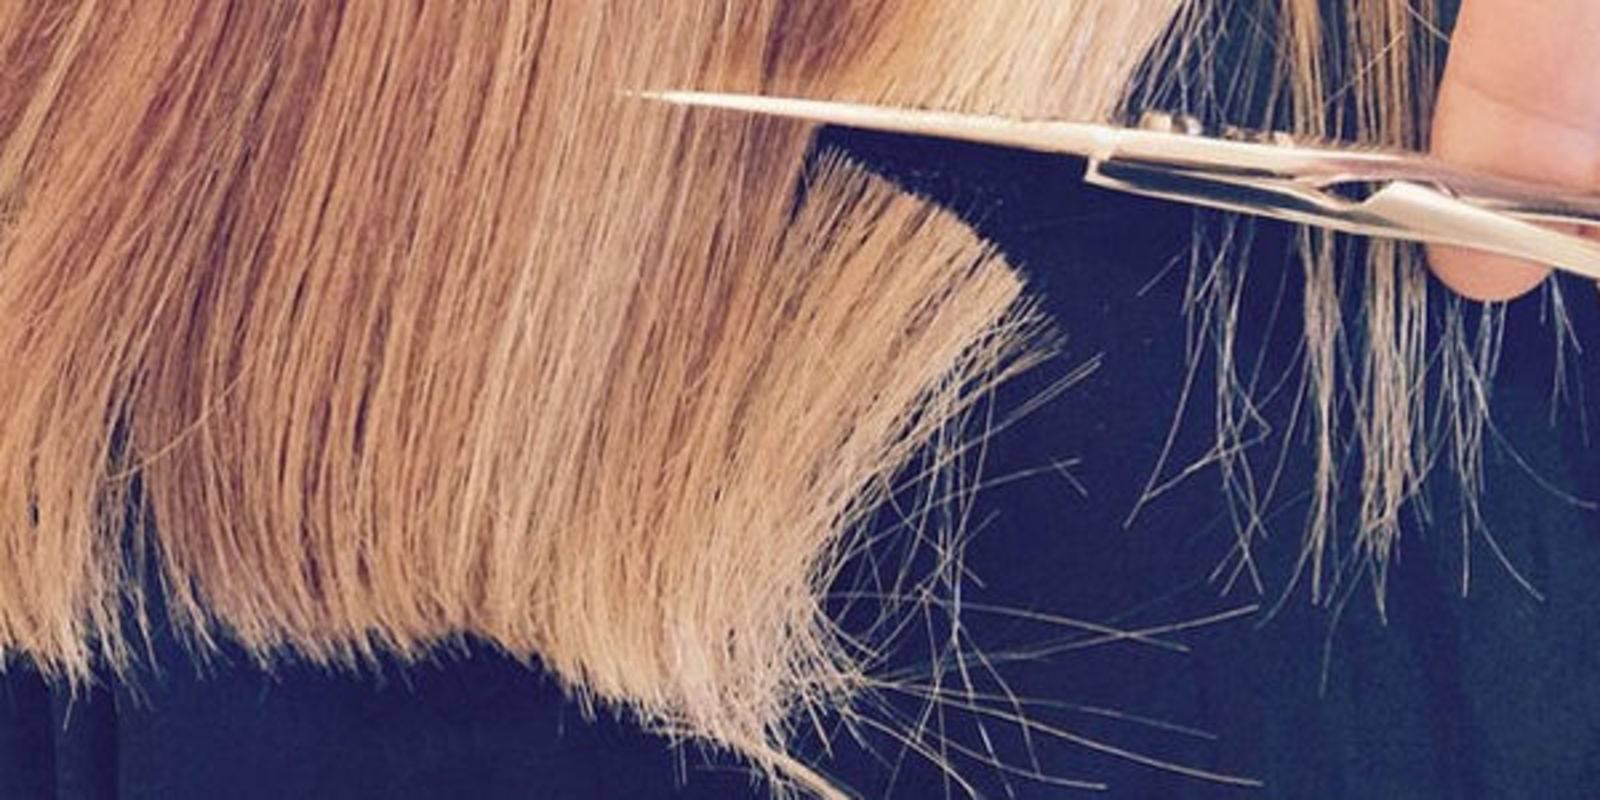 Как самой себе правильно и ровно подстричь секущиеся концы волос дома